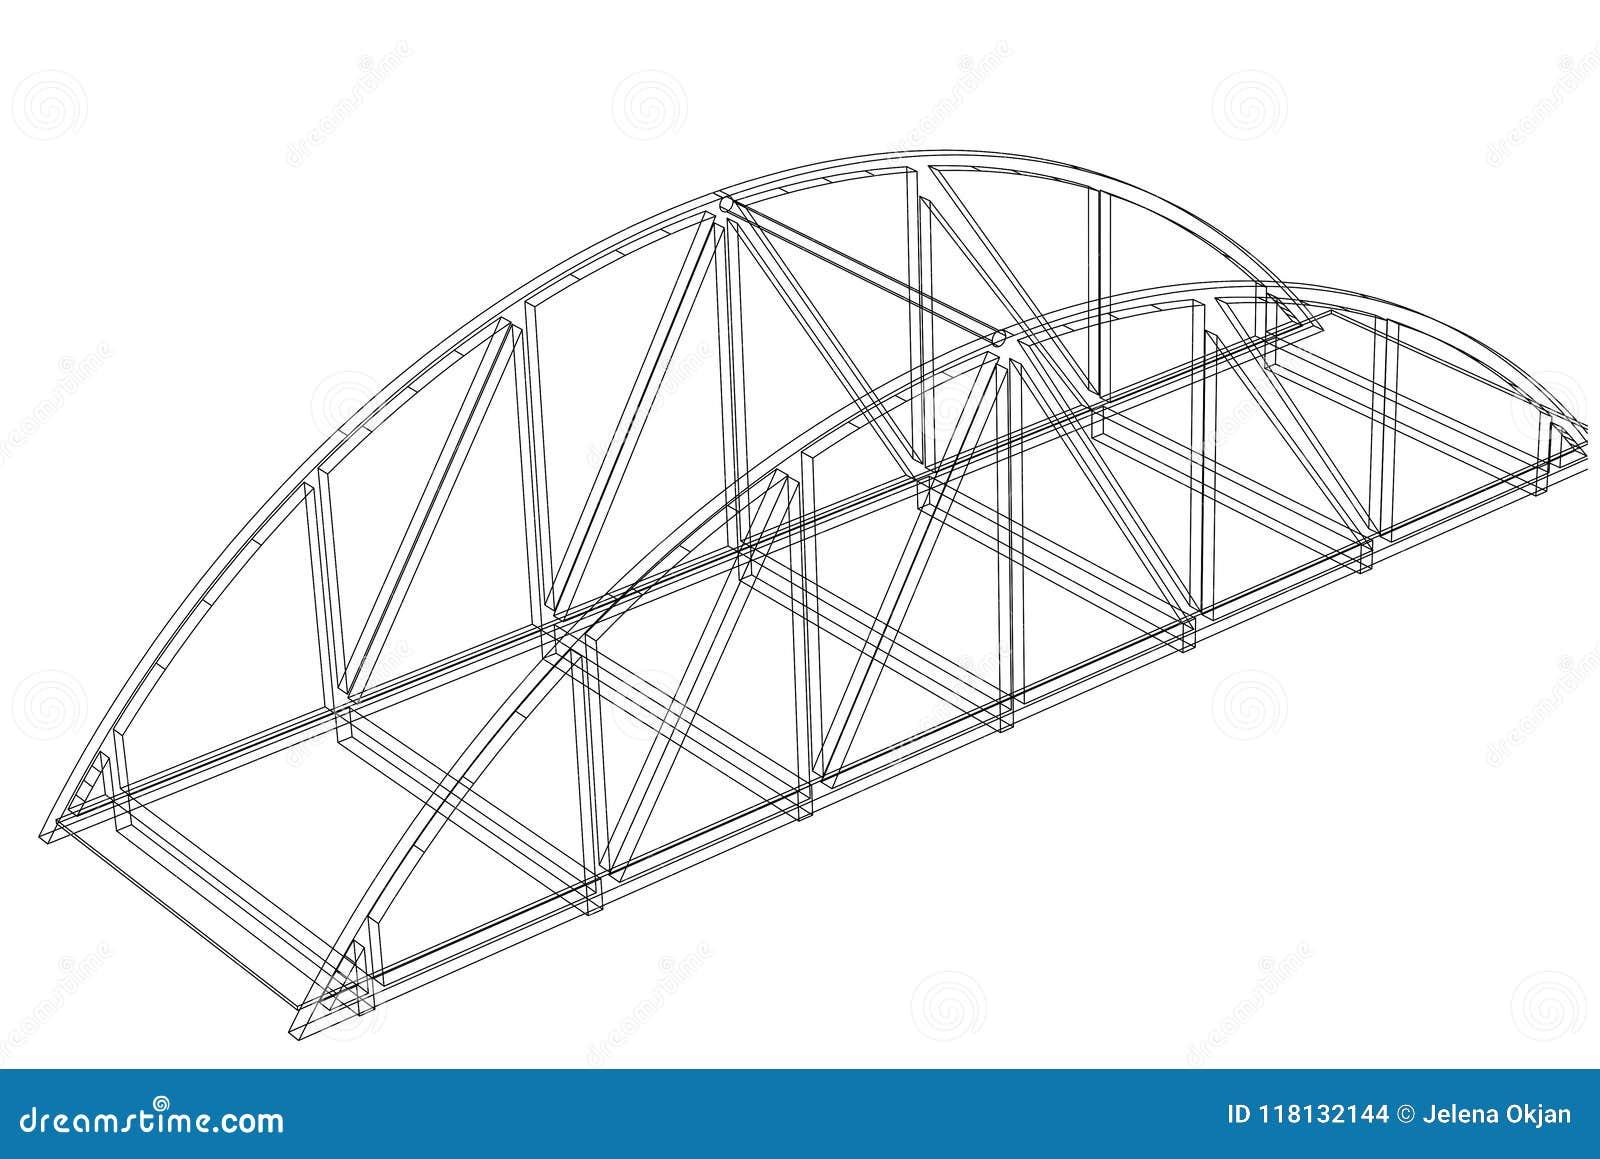 Modelo del arquitecto del puente - aislado